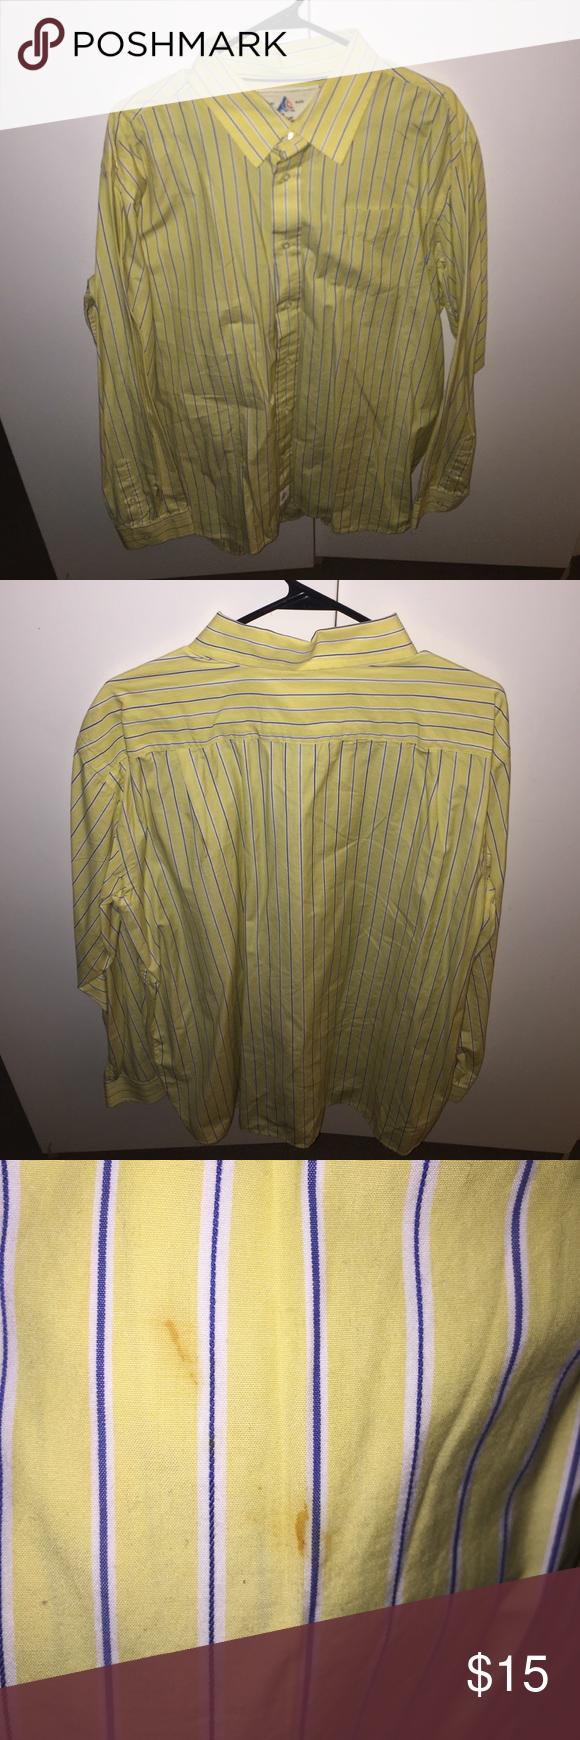 Yellow dress shirt men  Men Yellow Casual Dress Shirt Men XL yellow dress shirt The shirt